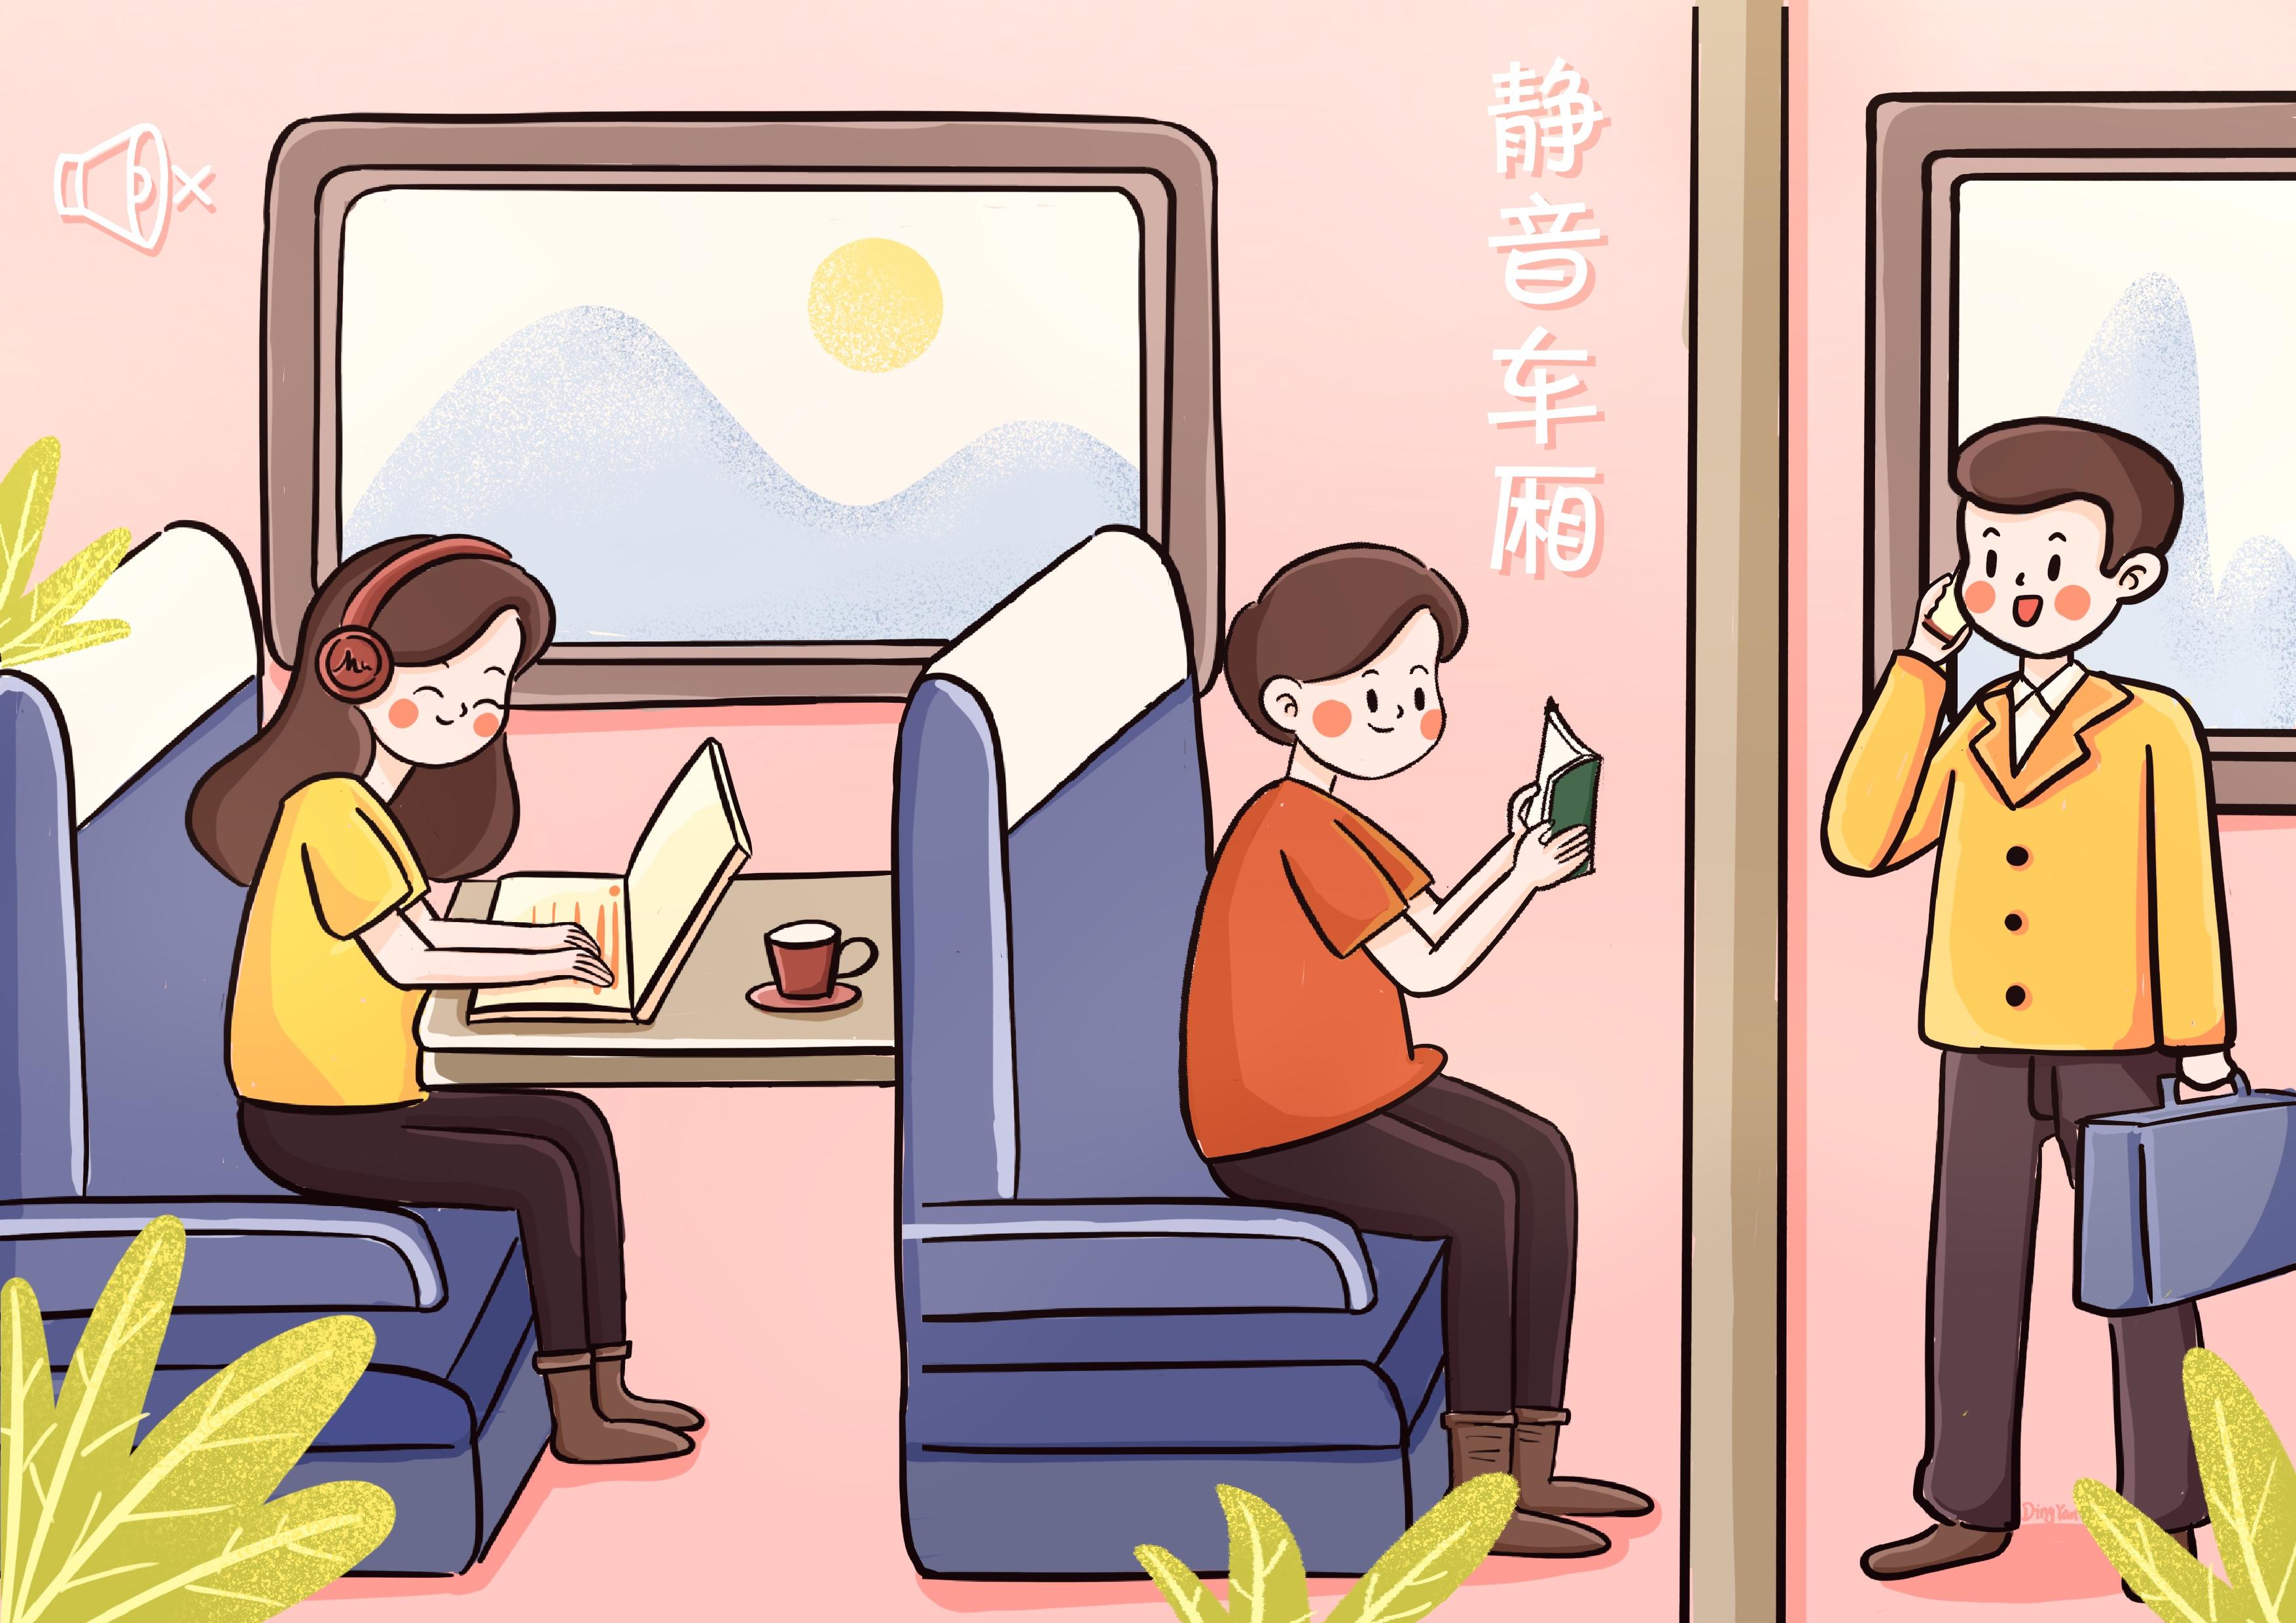 """漫评 """"静音车厢""""是公共服务人性化的有益探索"""